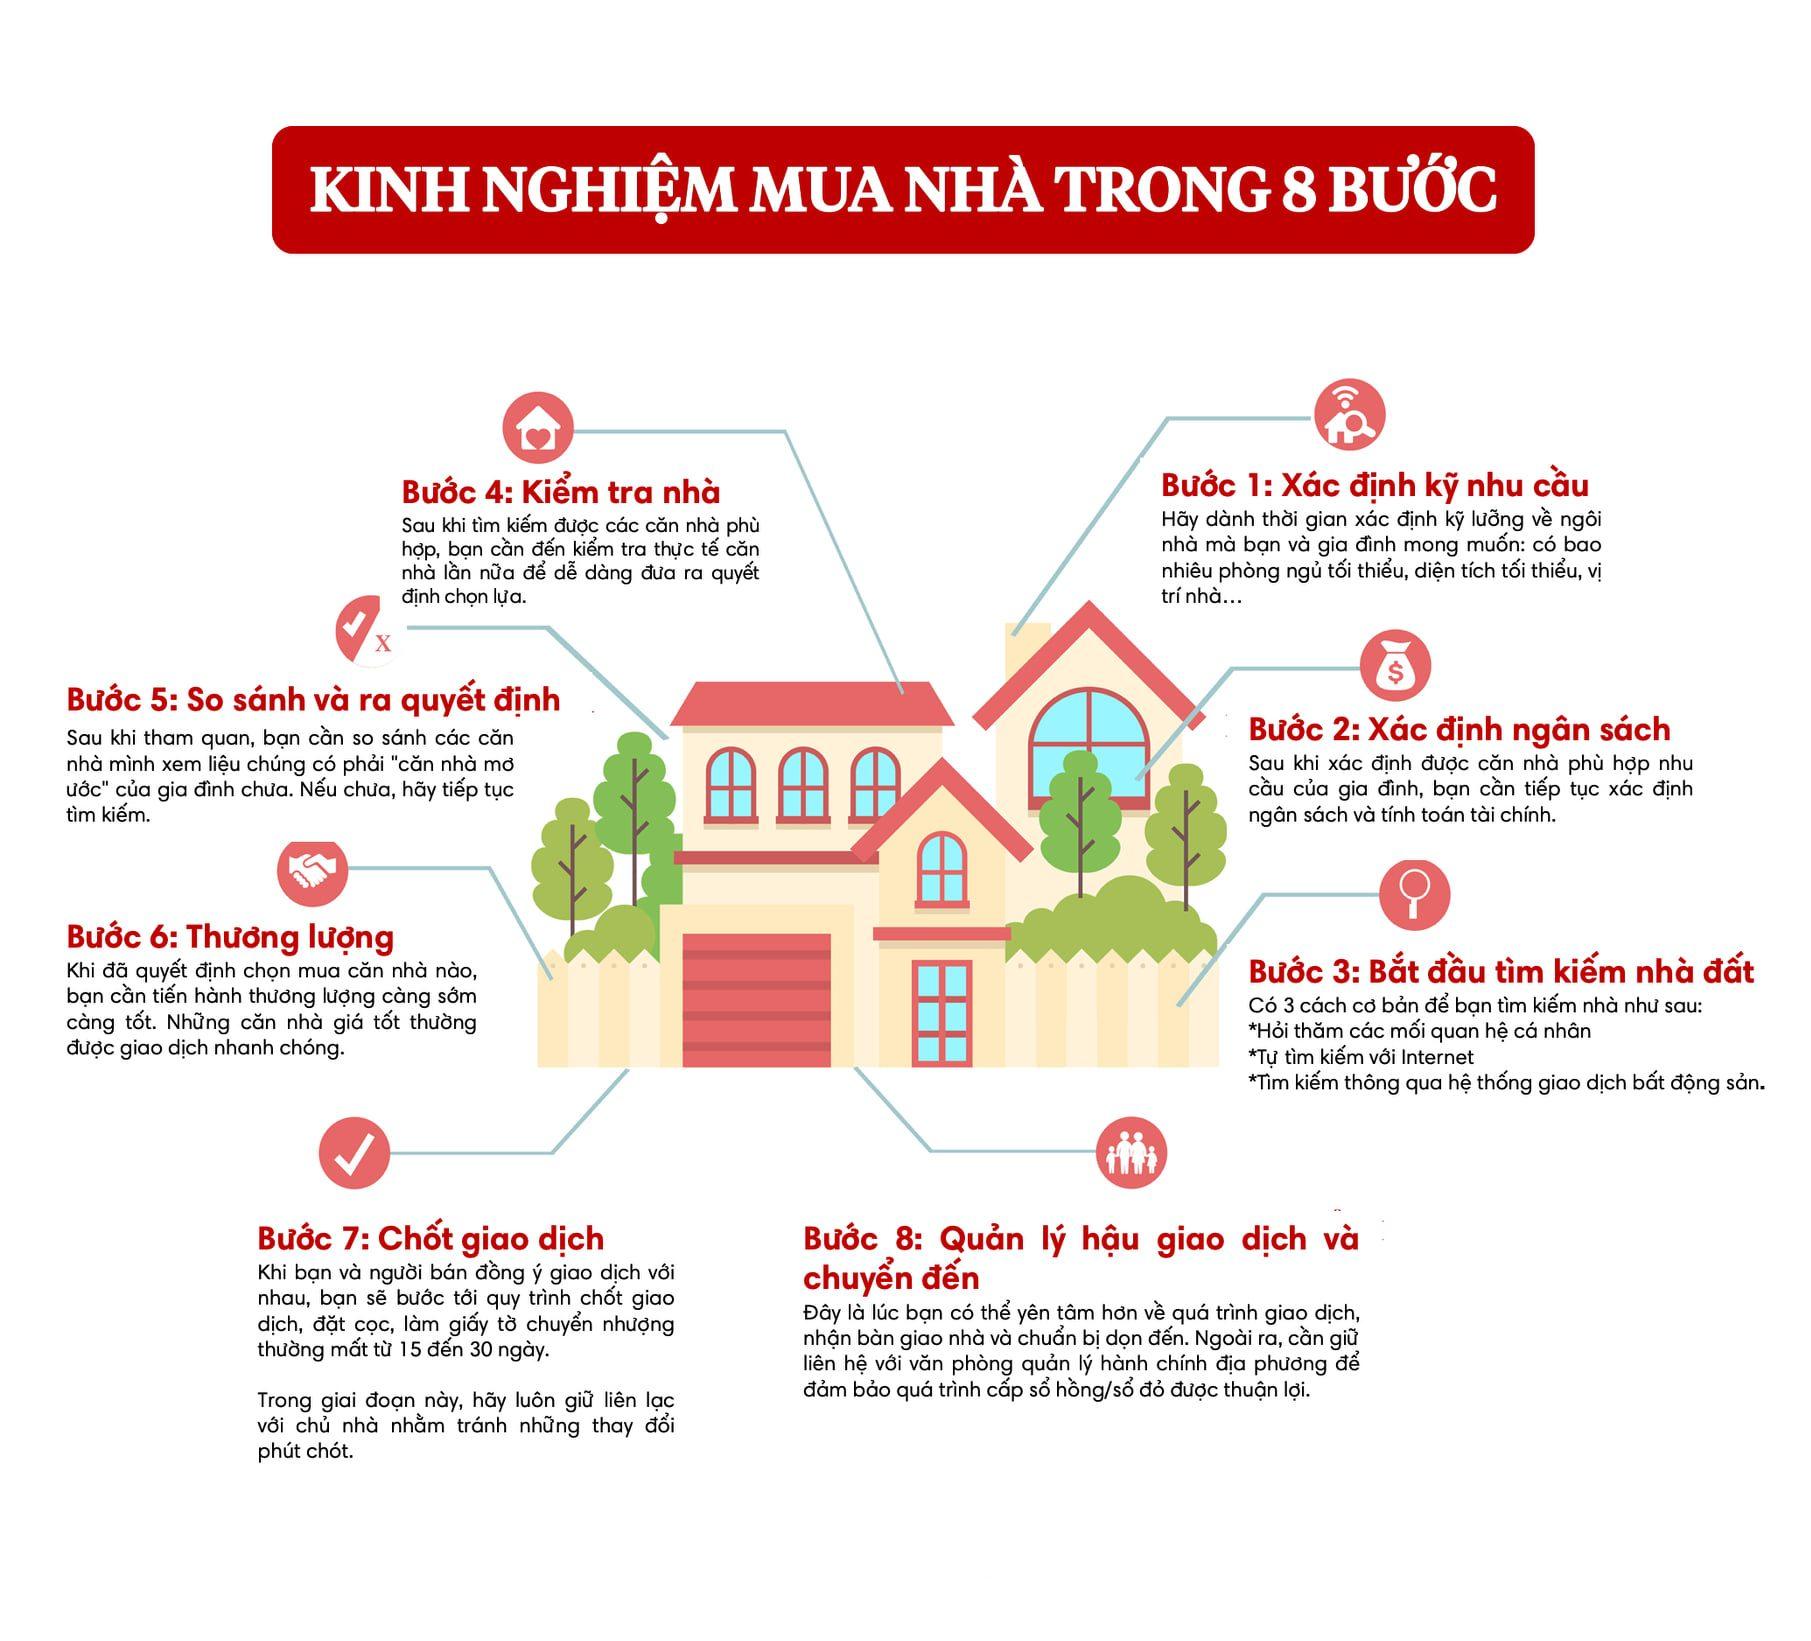 Kinh nghiệm mua nhà trong 8 bước đơn giản